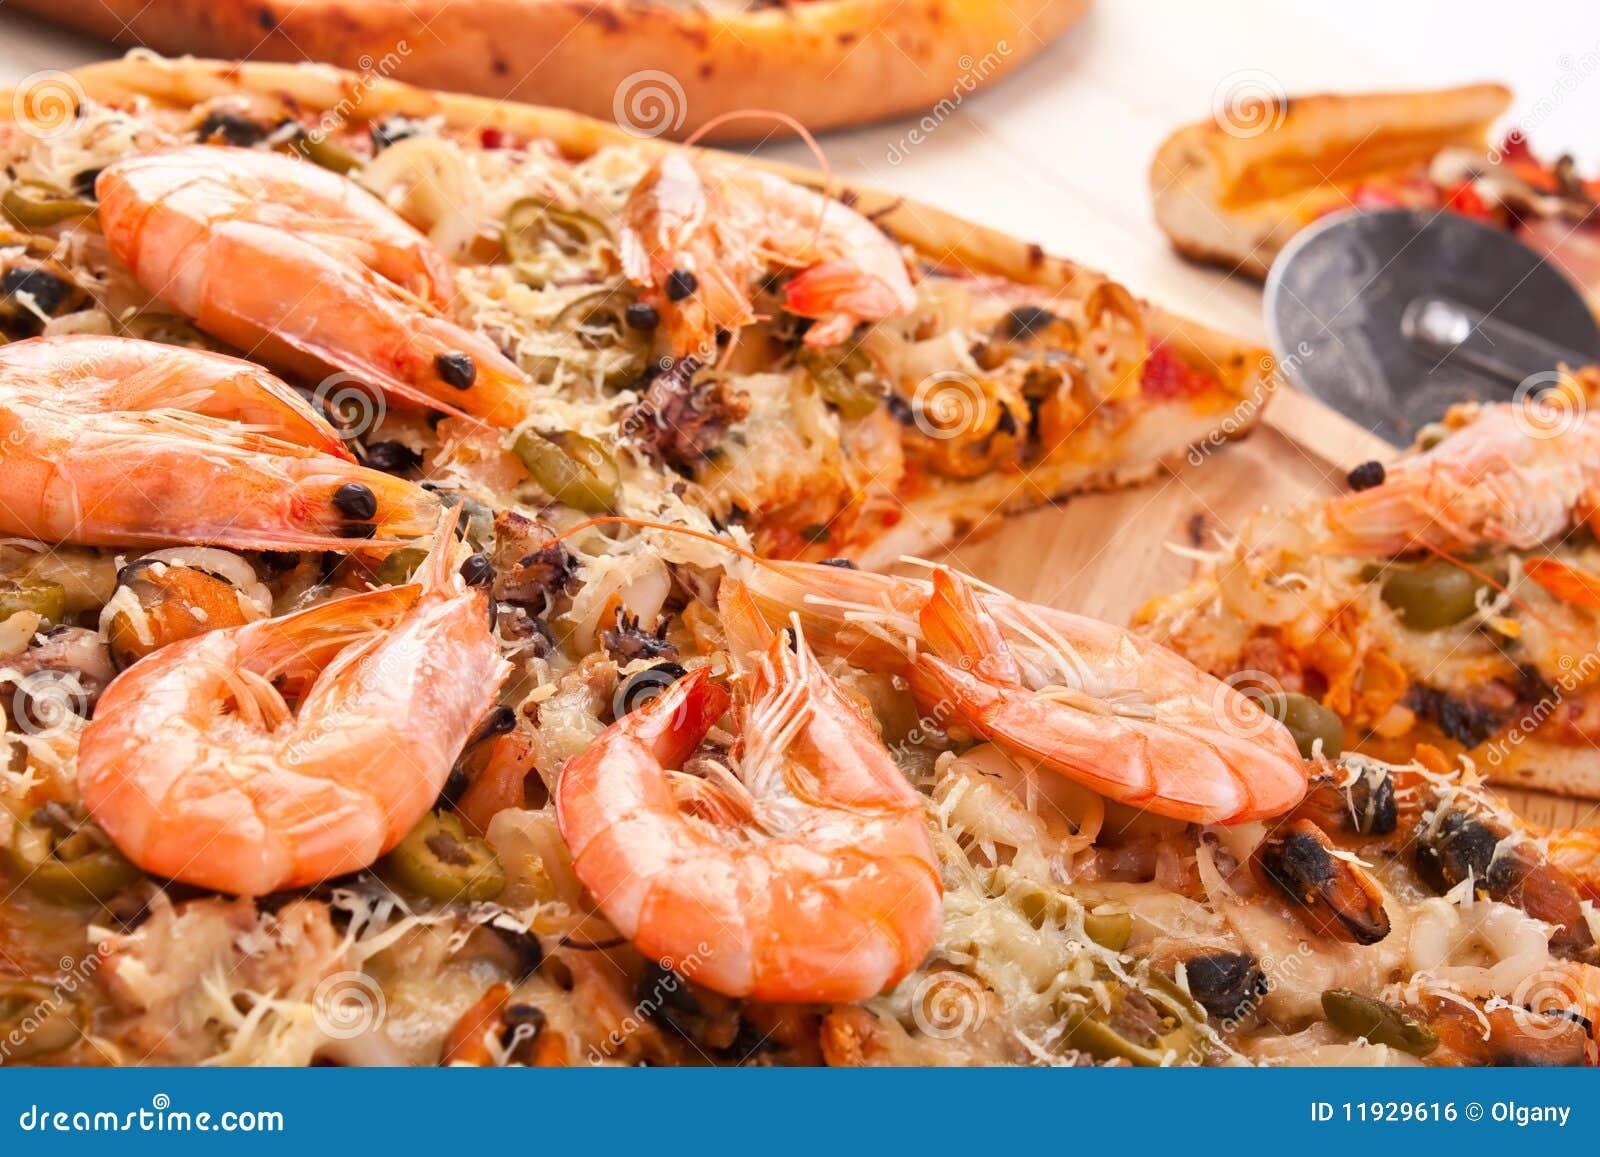 Как приготовить пиццу из морепродуктов